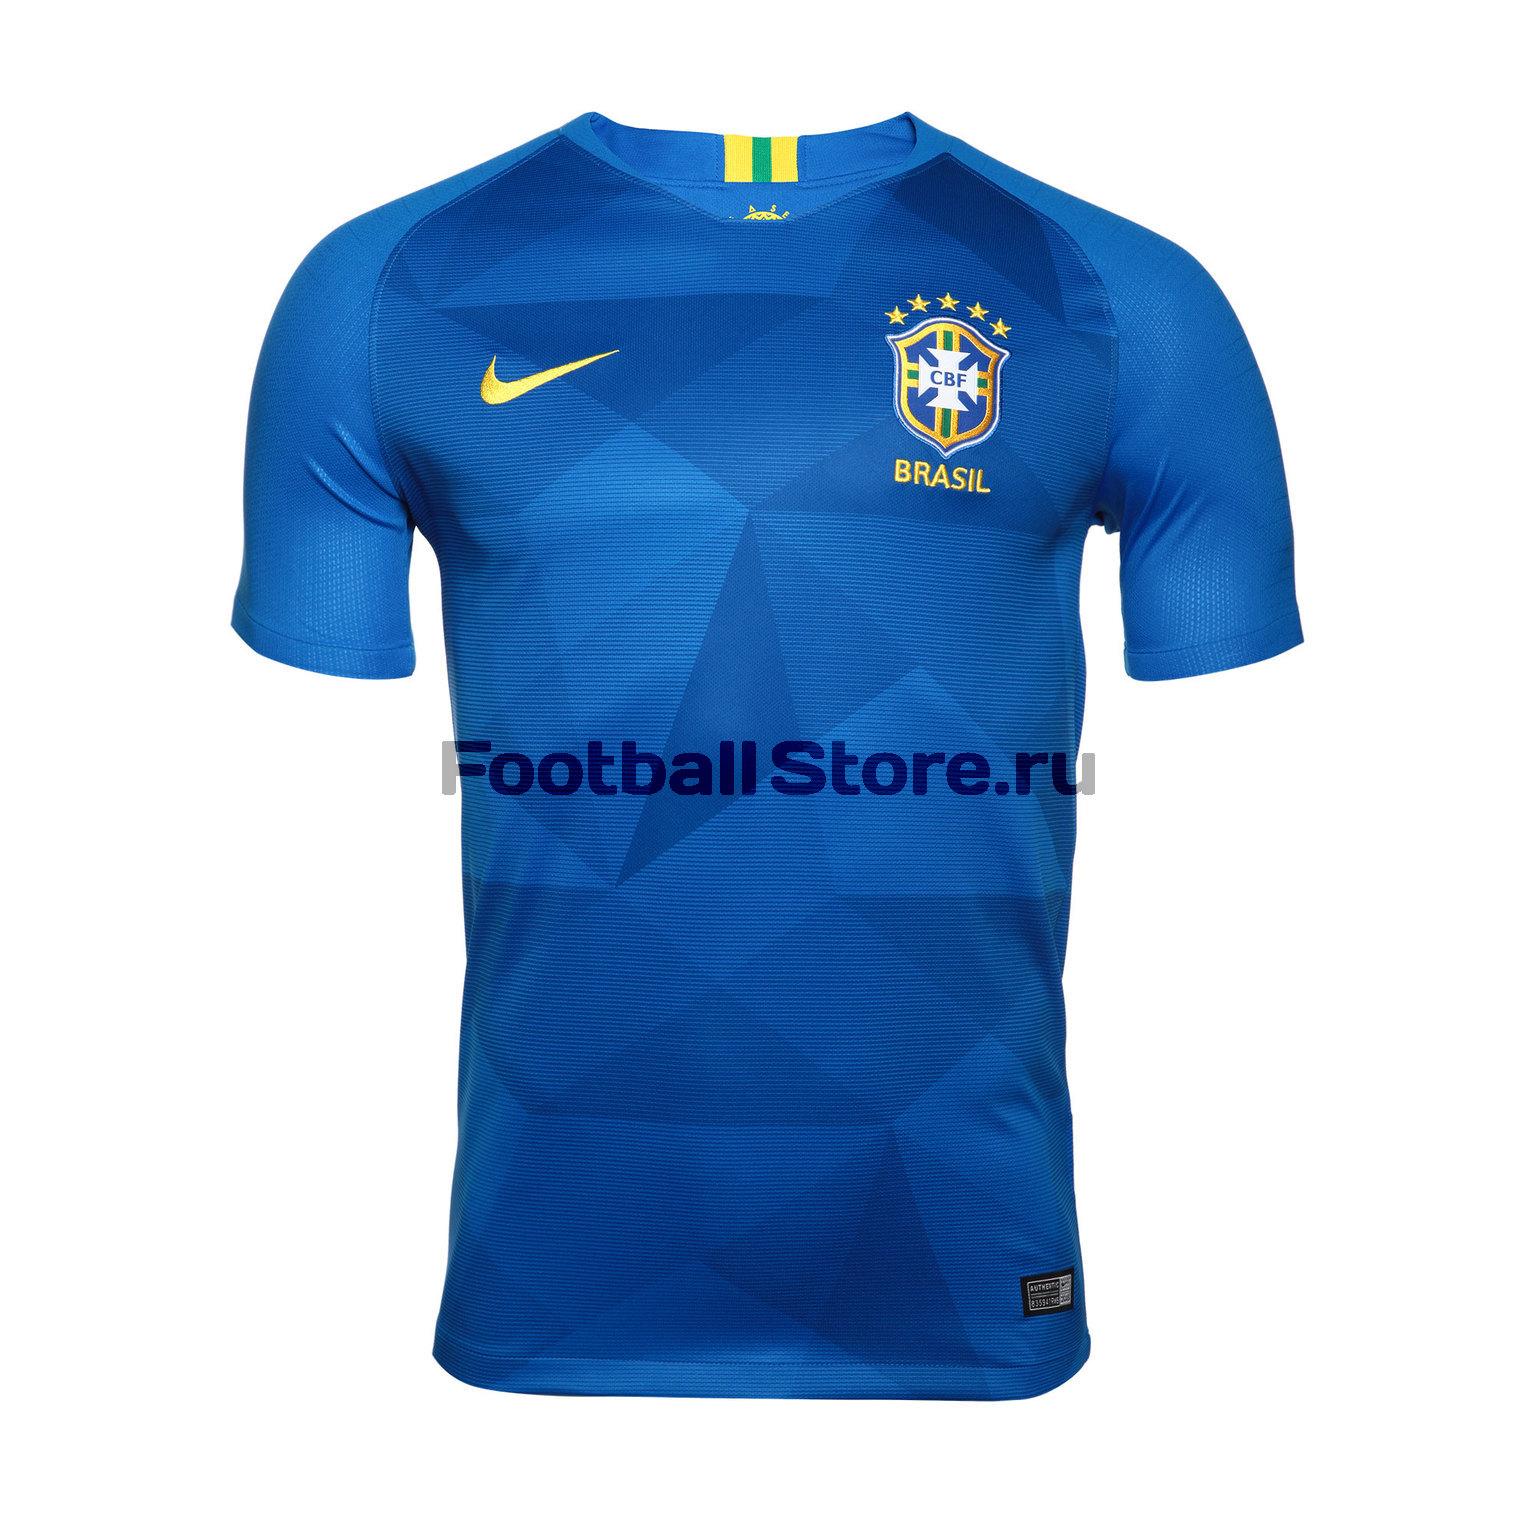 Футболка выездная Nike сборной Бразилии 893855-453 брюки тренировочные nike сборной бразилии 893122 454